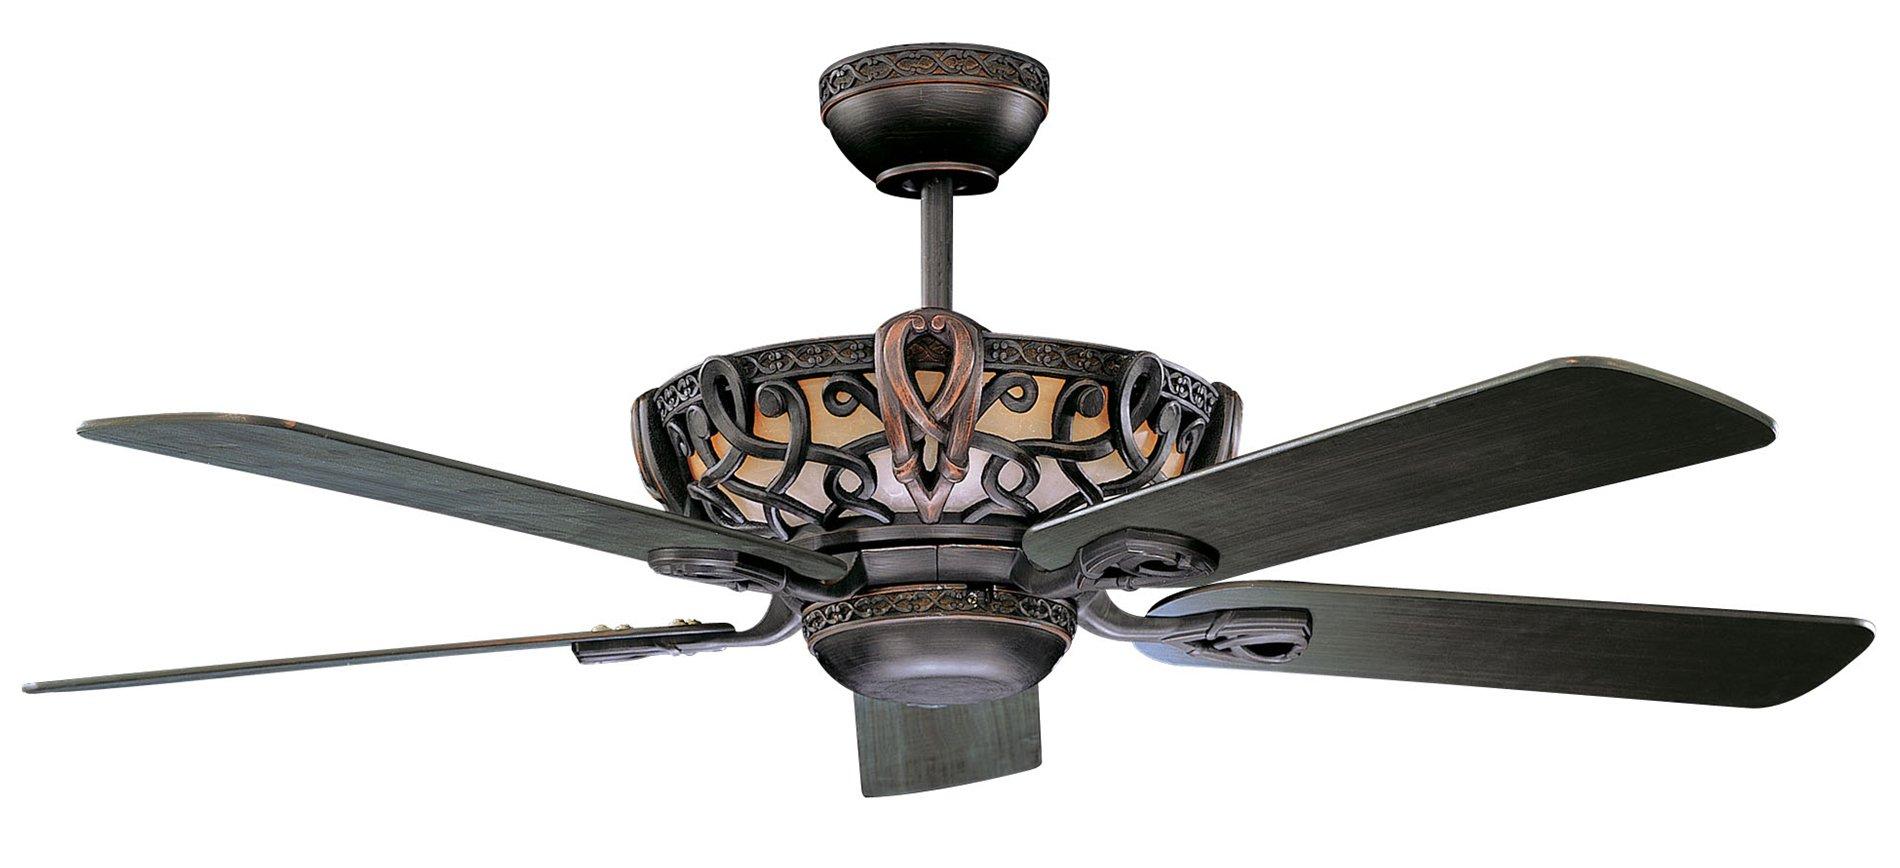 Concord Fans 52AC5ORB Aracruz 52 Traditional Ceiling Fan